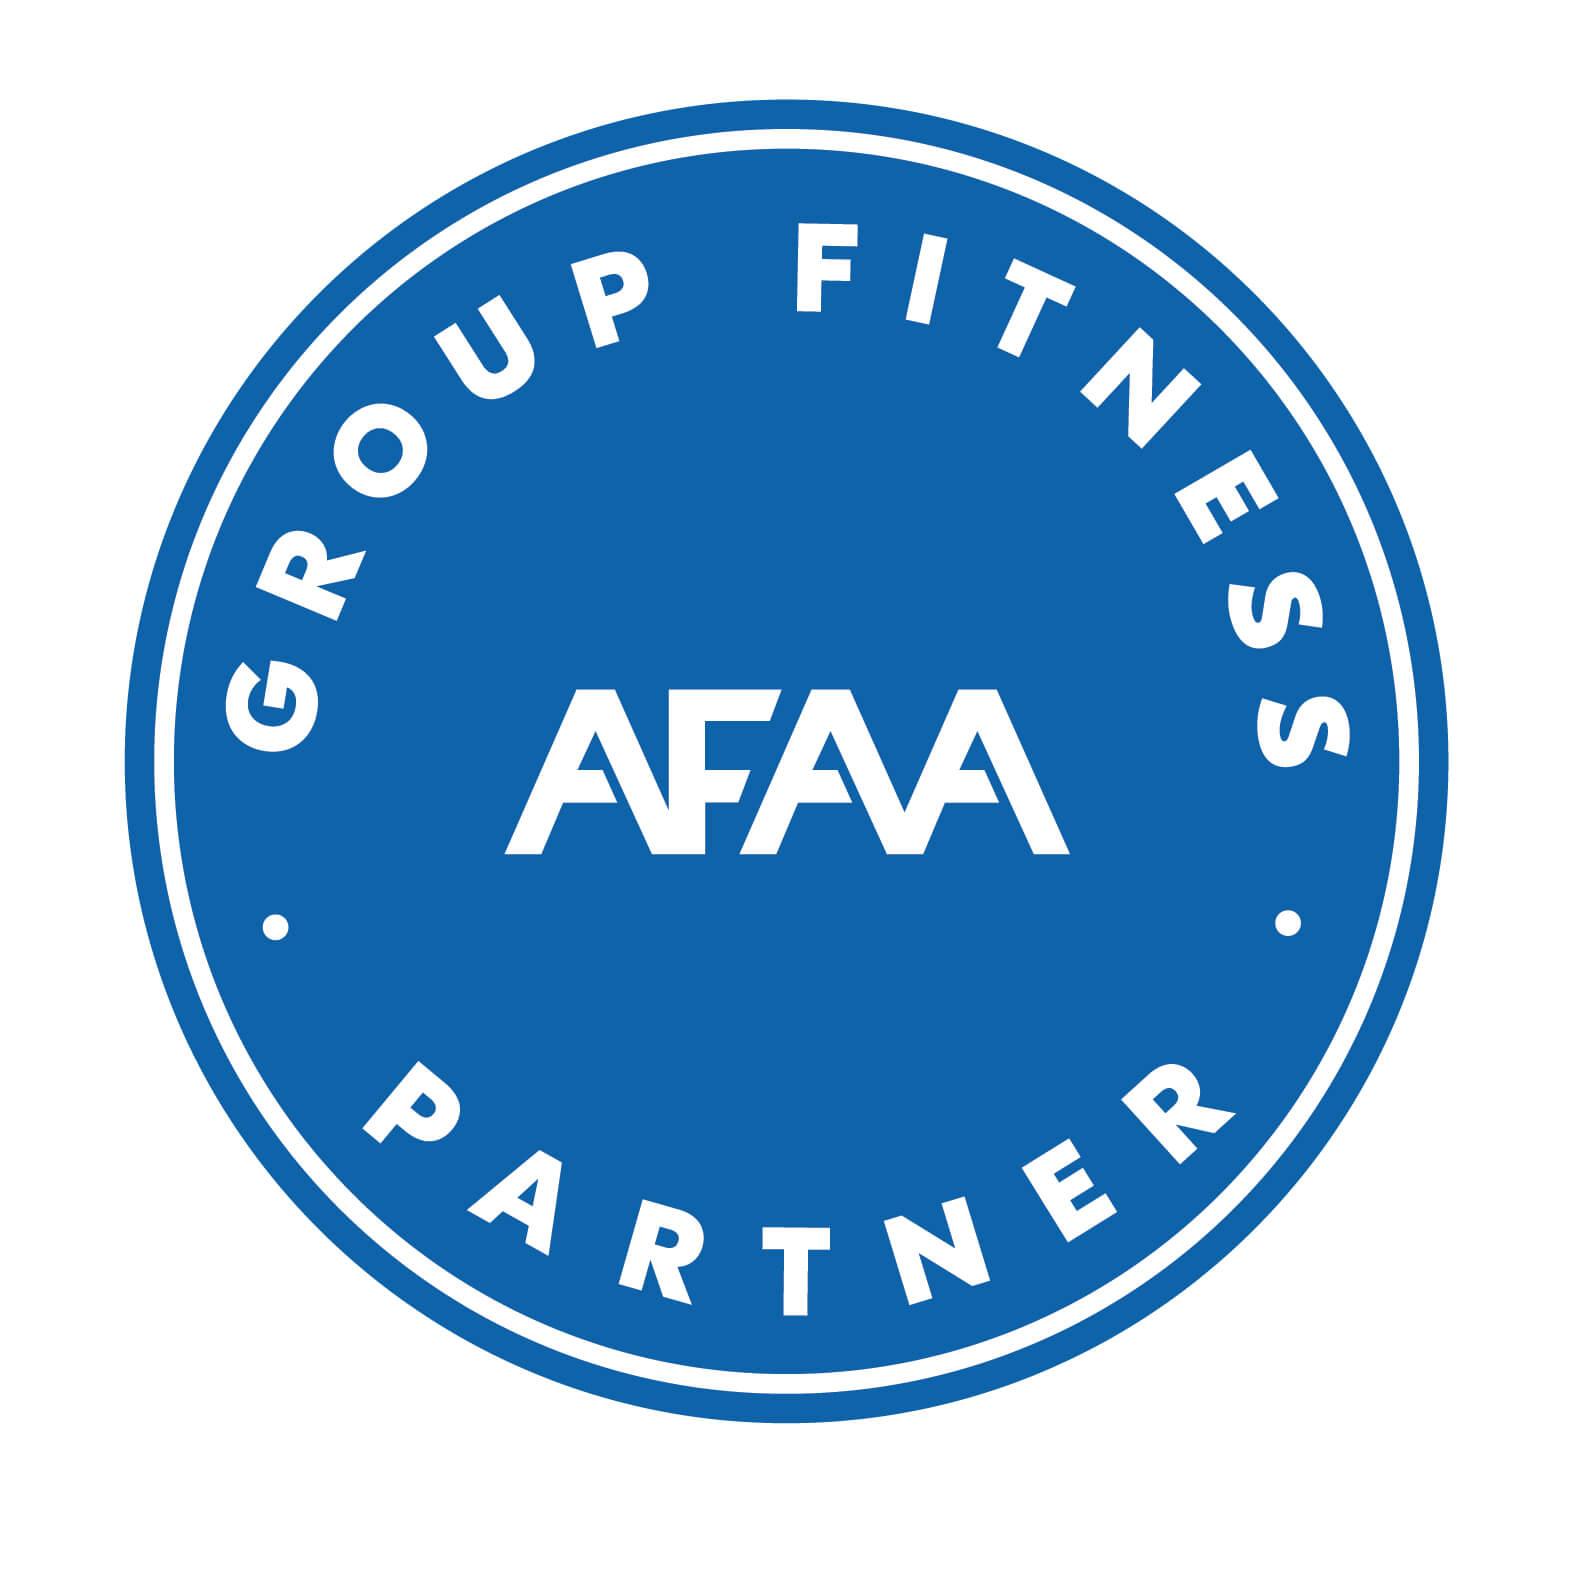 Group Fitness Partner